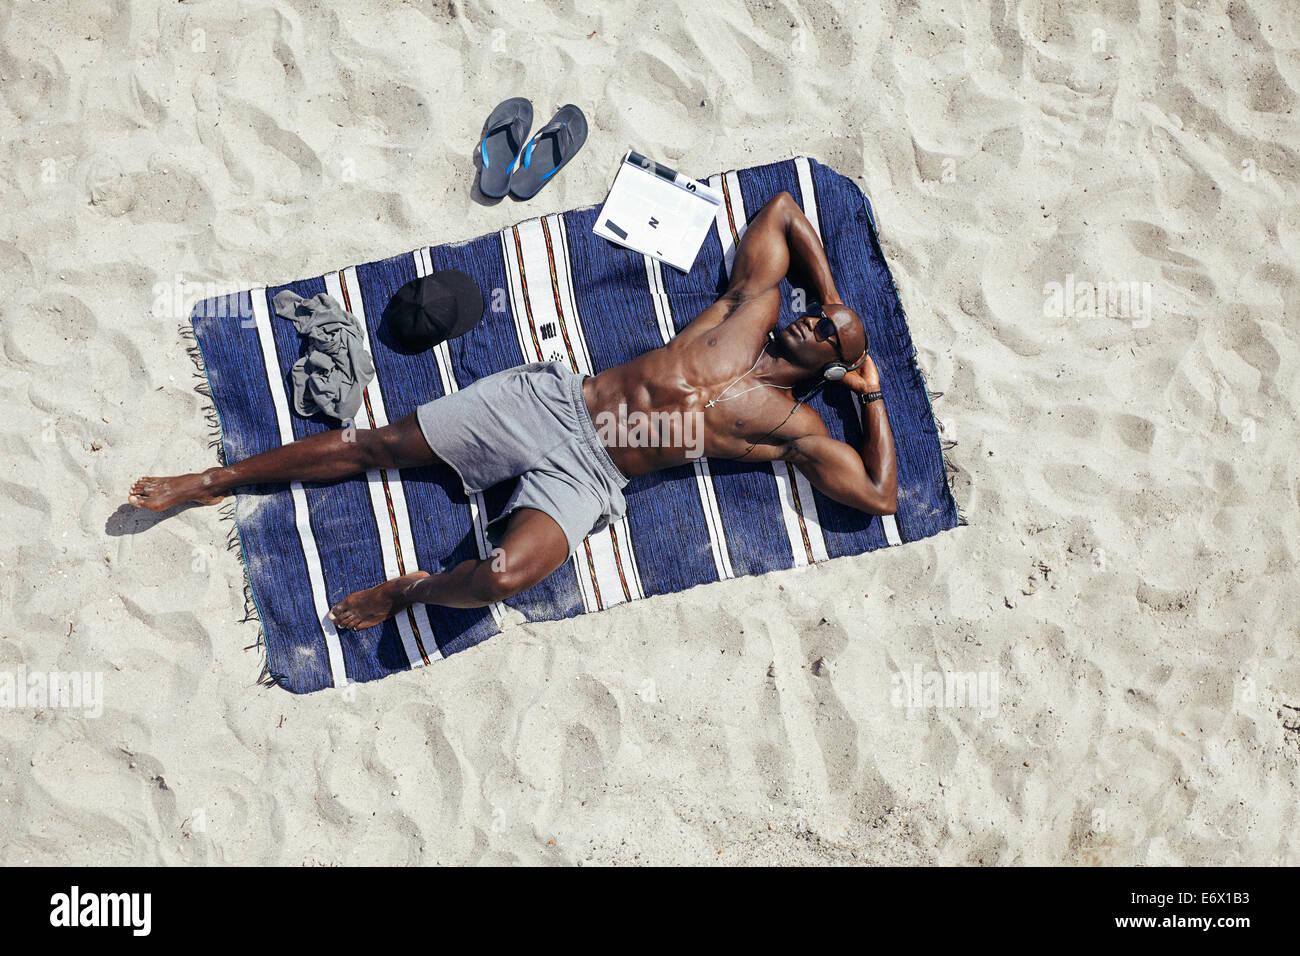 Direkt oben geschossen von muskulösen jungen afrikanischen Kerl Sonnenbaden am Strand. Mann mit Sonnenbrille Stockbild